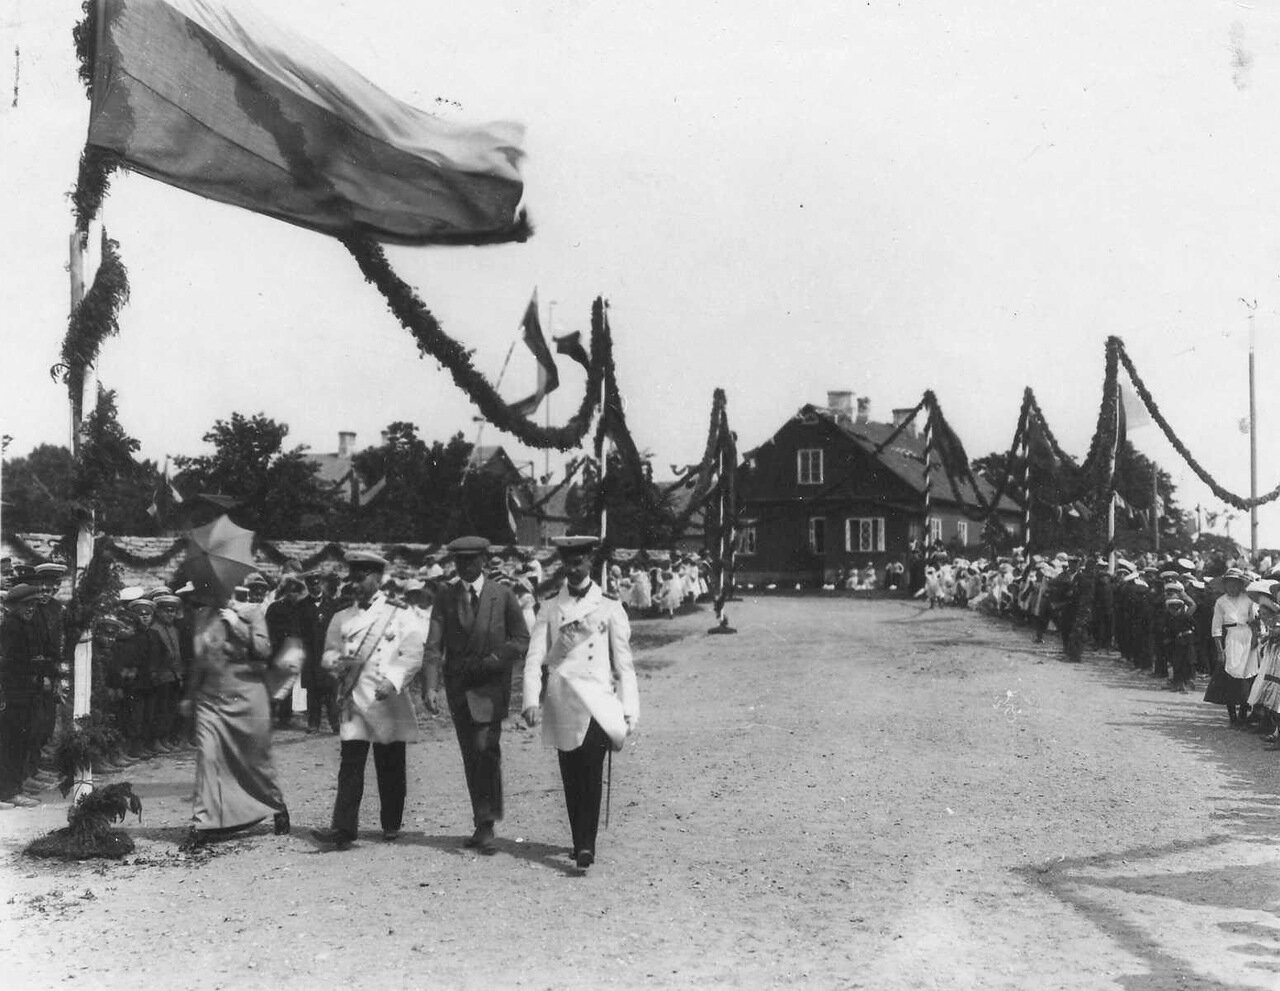 39. Делегация от прибалтийского города и жители города Балтийский порт, приготовившиеся к встрече императора Николая II